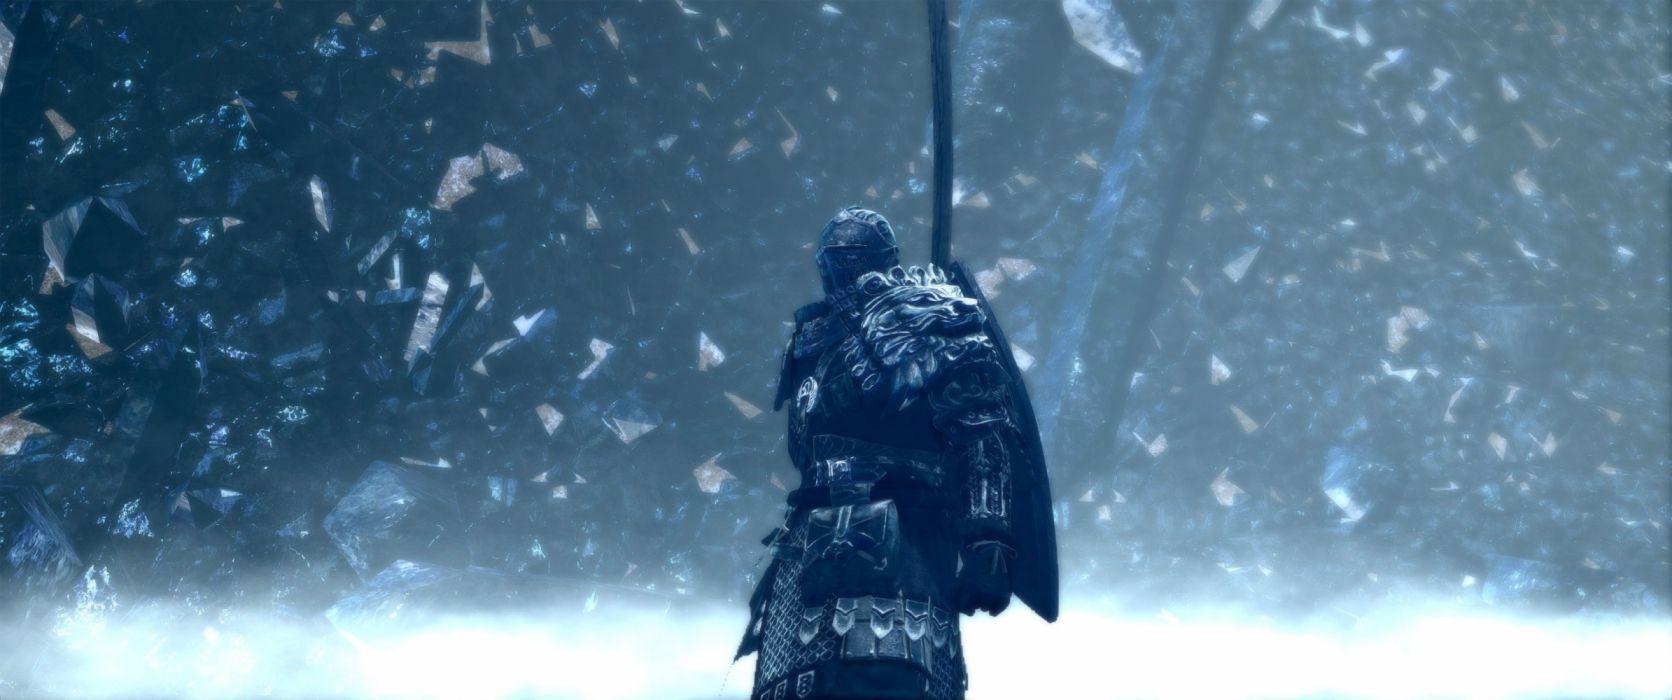 Dark Souls Action Dark Fantasy Fighting Rpg Souls Warrior Dungeon